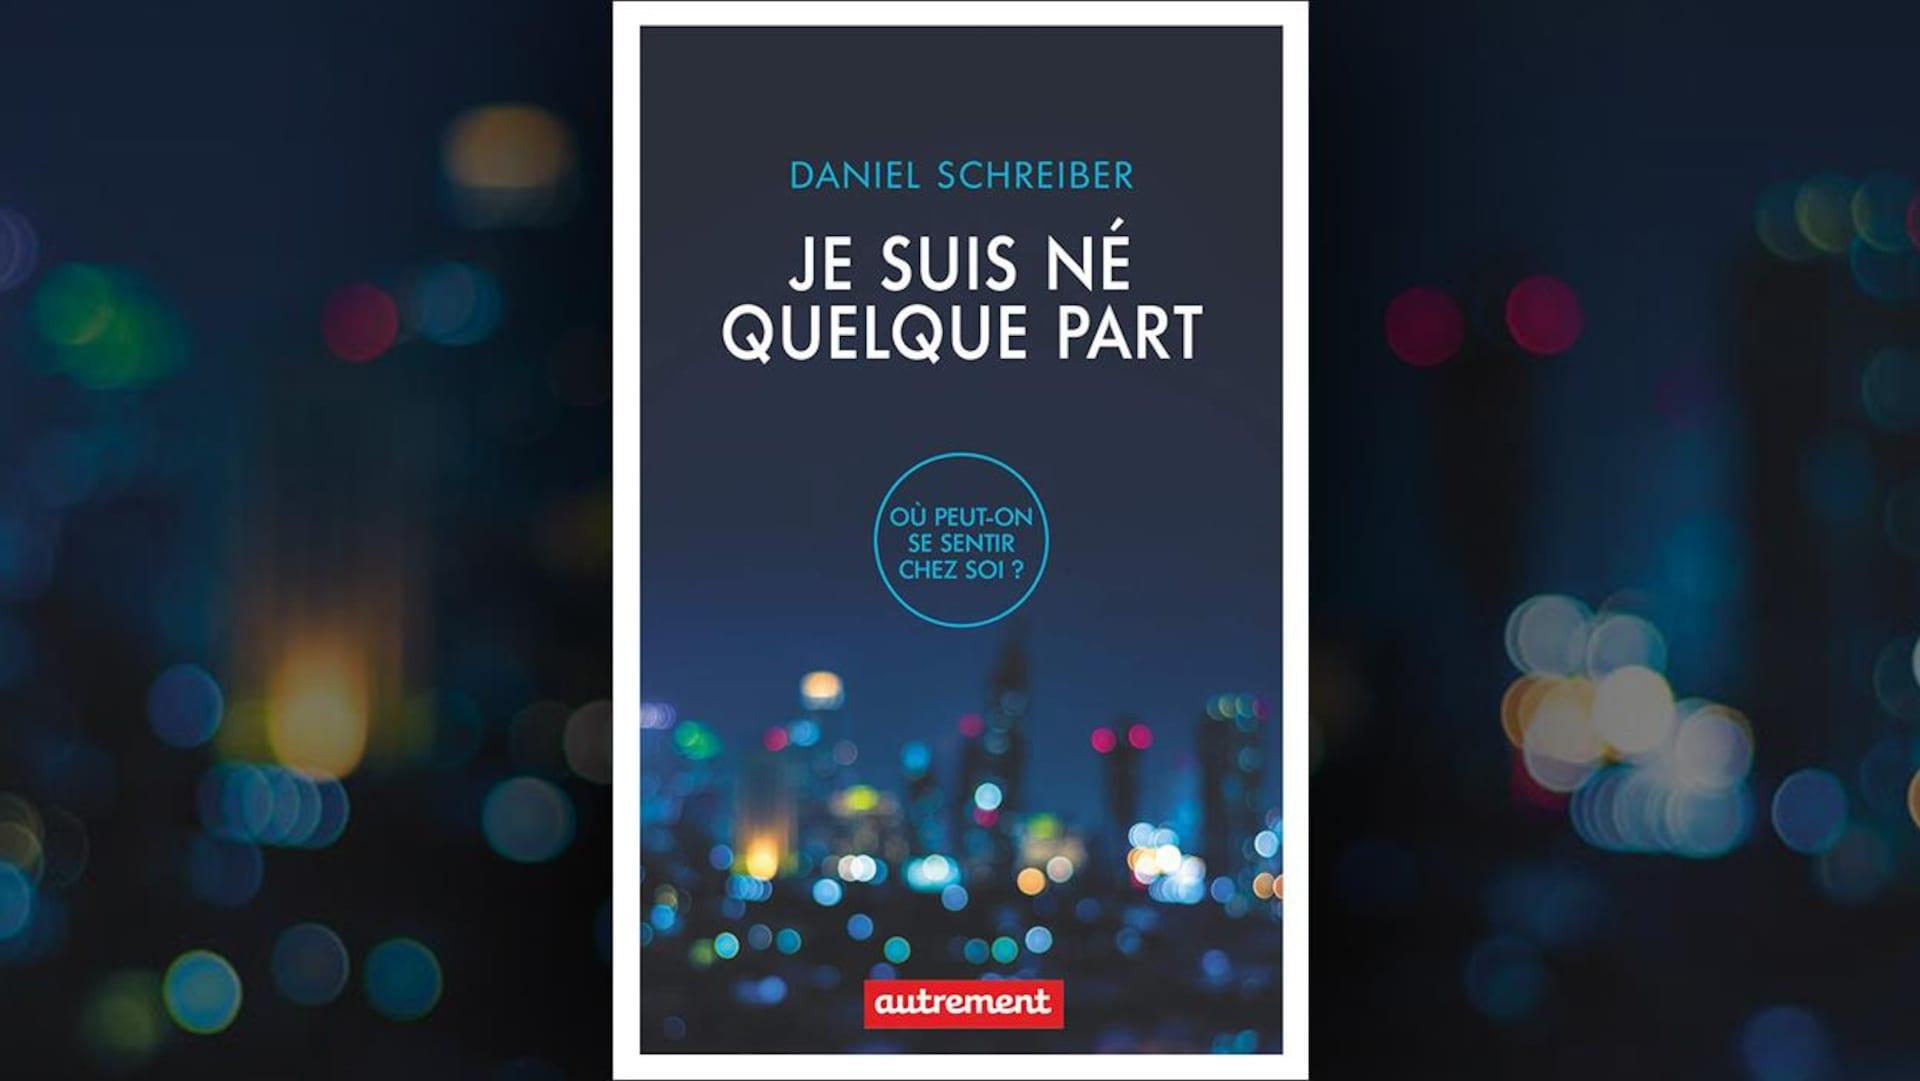 Sur la couverture du livre  Je suis né quelque part , de Daniel Schreiber, on voit en arrière-plan, sous le titre et le sous-titre  Où peut-on se sentir chez soi? , une photo floue de gratte-ciel illuminés.